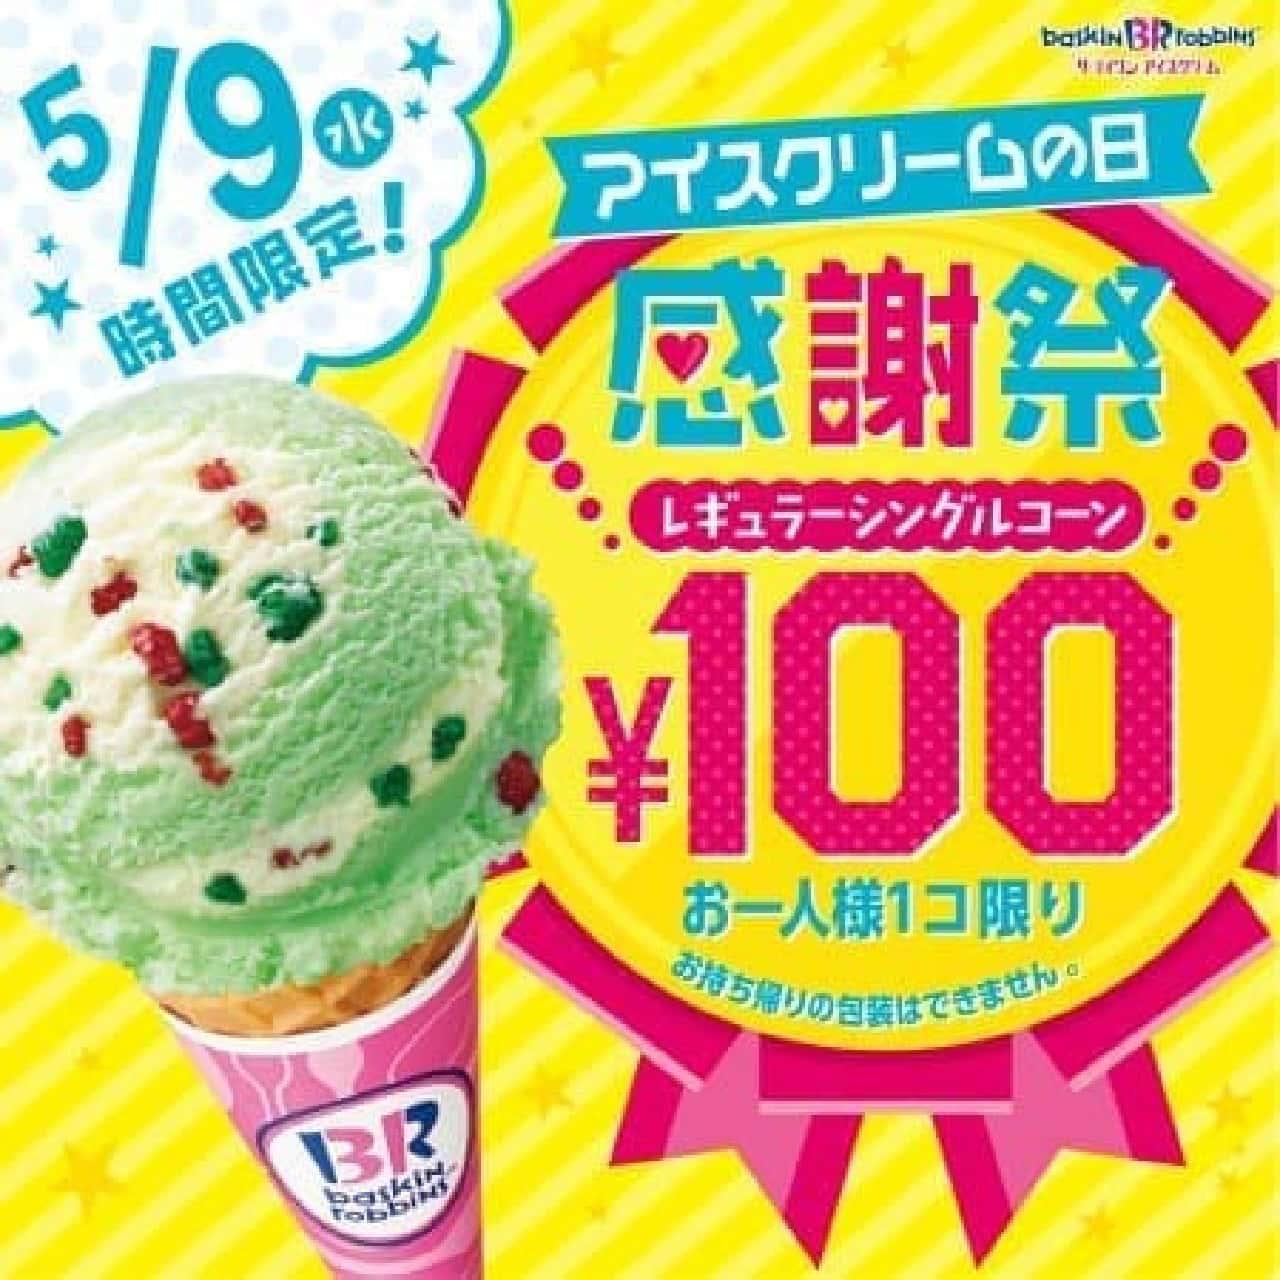 サーティワンのアイスが100円「アイスクリームの日 感謝祭」